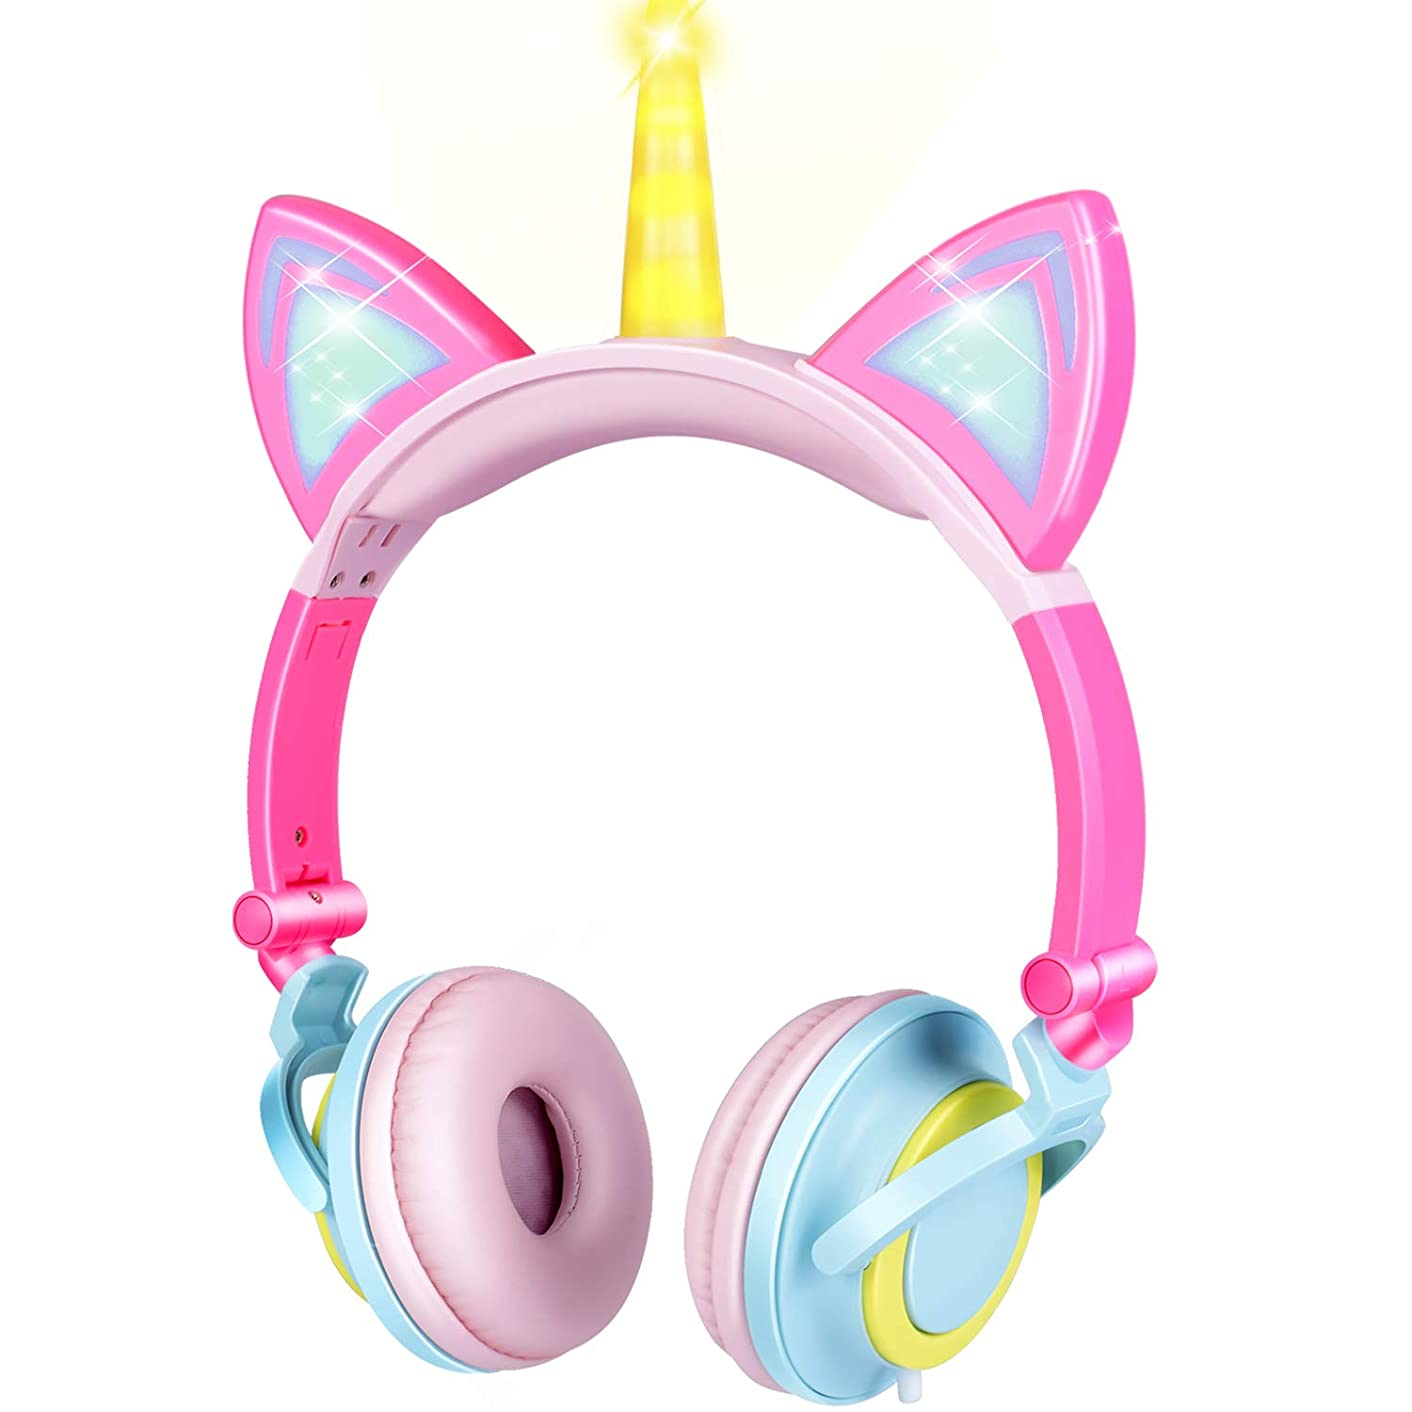 肘掛け椅子枠においGBD ユニコーン キッズ ヘッドフォン 有線 調整可能 マイク付き 男の子 女の子 タブレット 新学期用品 キッズ ヘッドバンド イヤホン 折りたたみ式 オーバーイヤー ゲーム ヘッドセット 幼児 旅行 誕生日プレゼント ピンク Unicorn-Pink